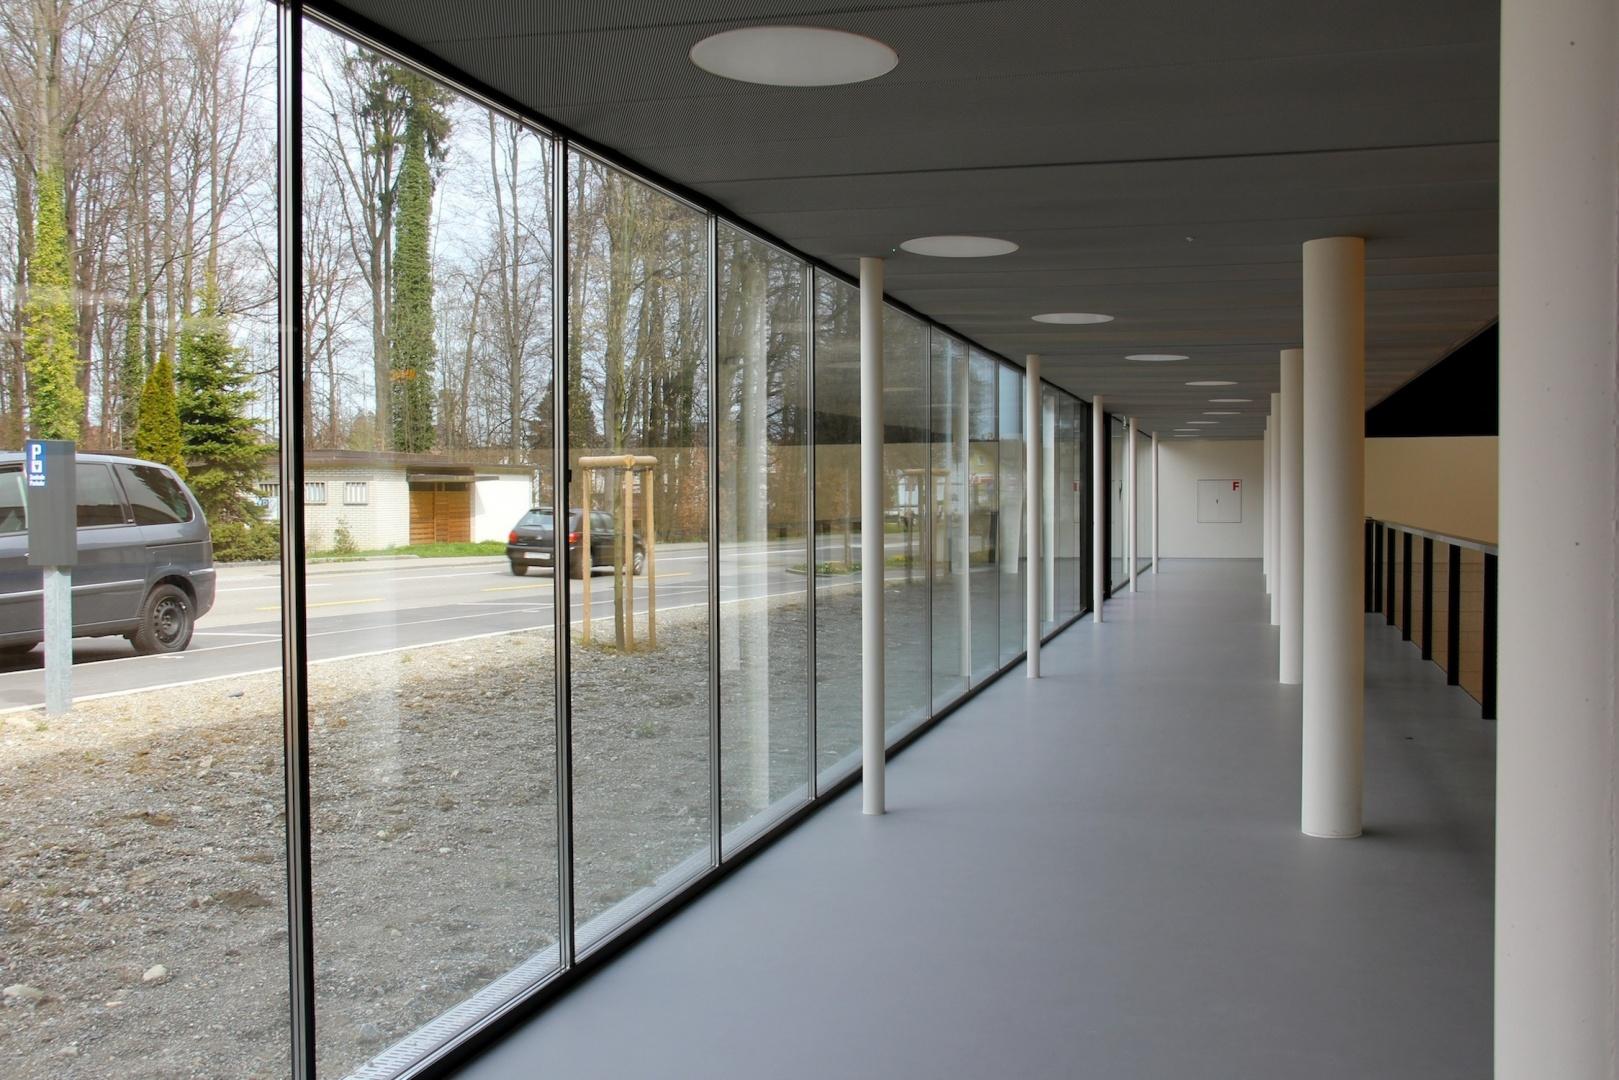 Galerie mit Fensterfront © keiserwerk